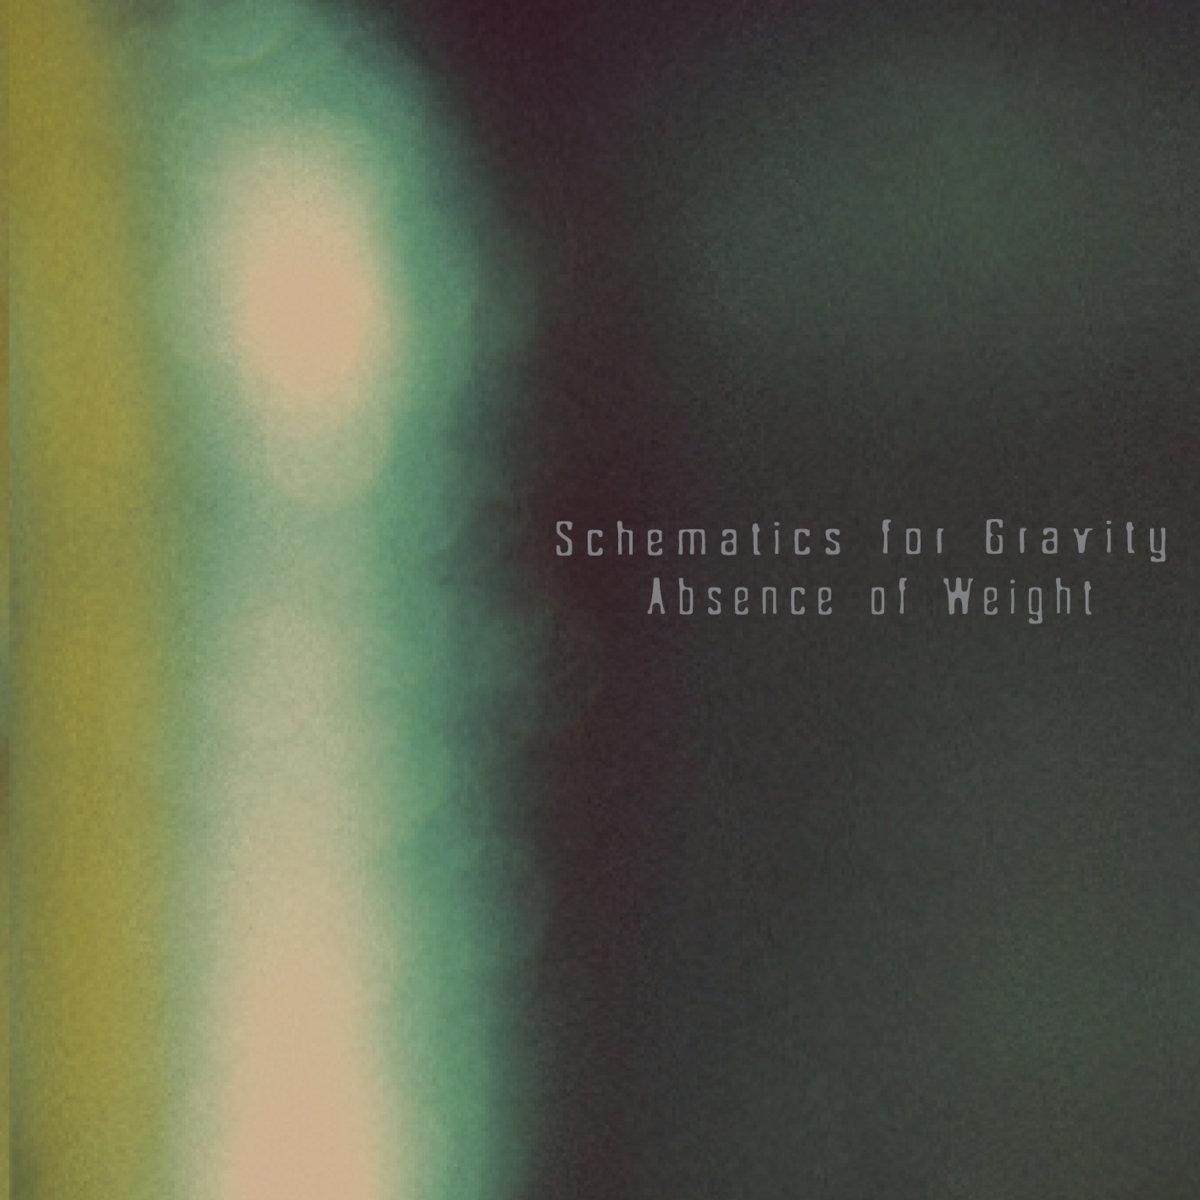 Music | Schematics for Gravity